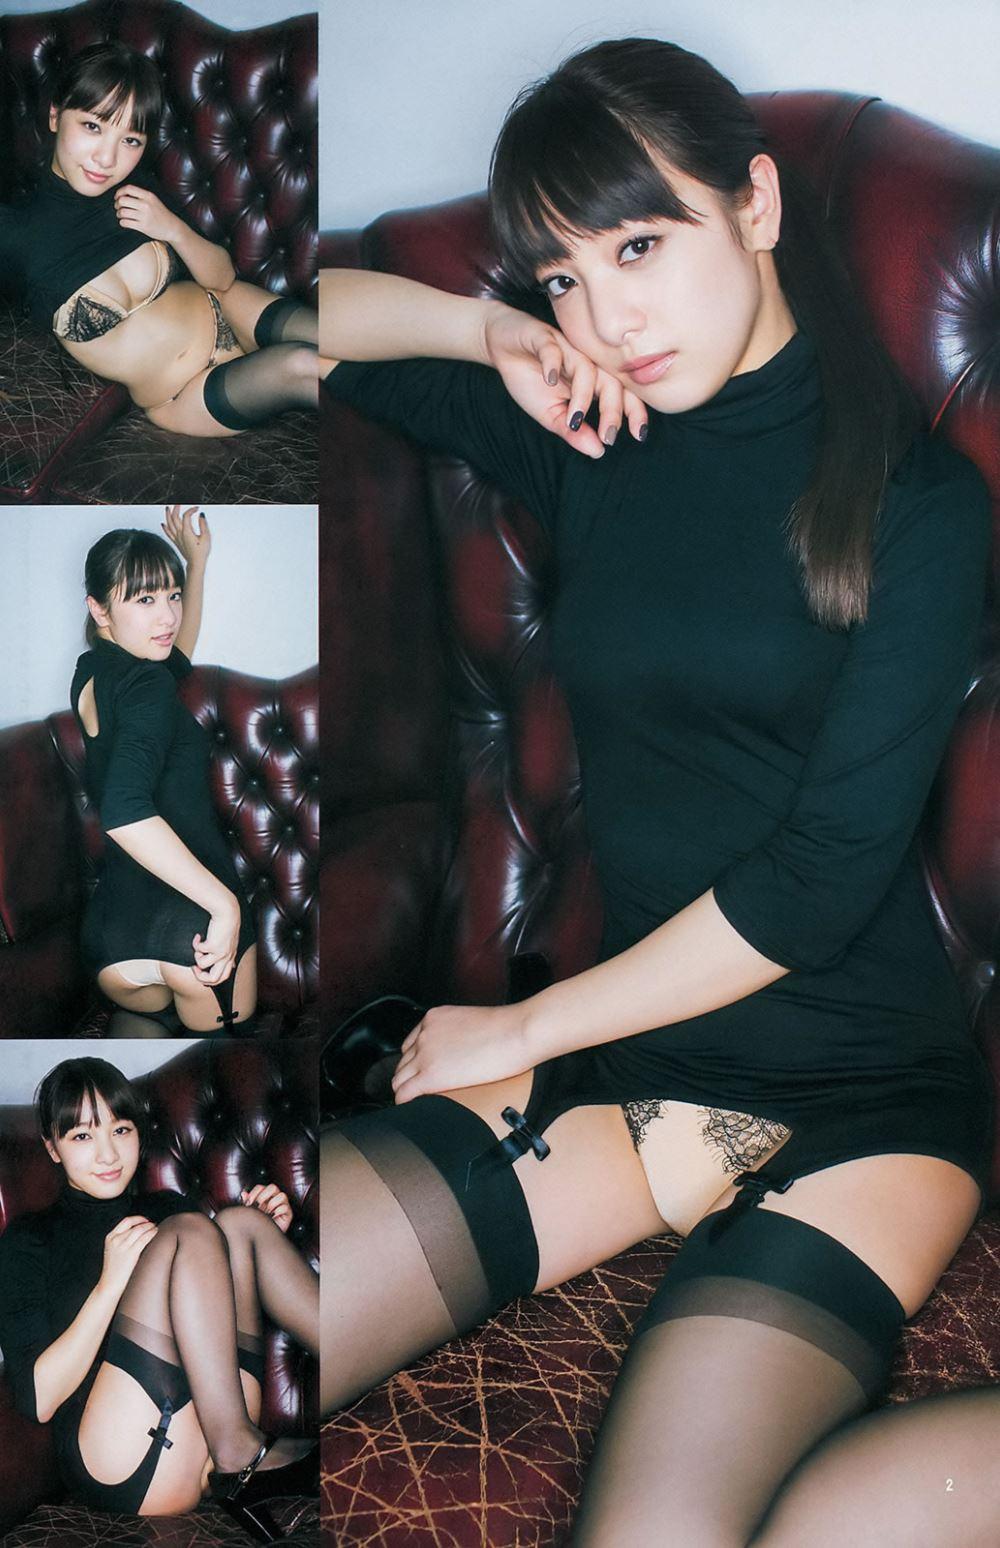 池田ショコラの下着姿がエロカワな過激グラビア画像 88